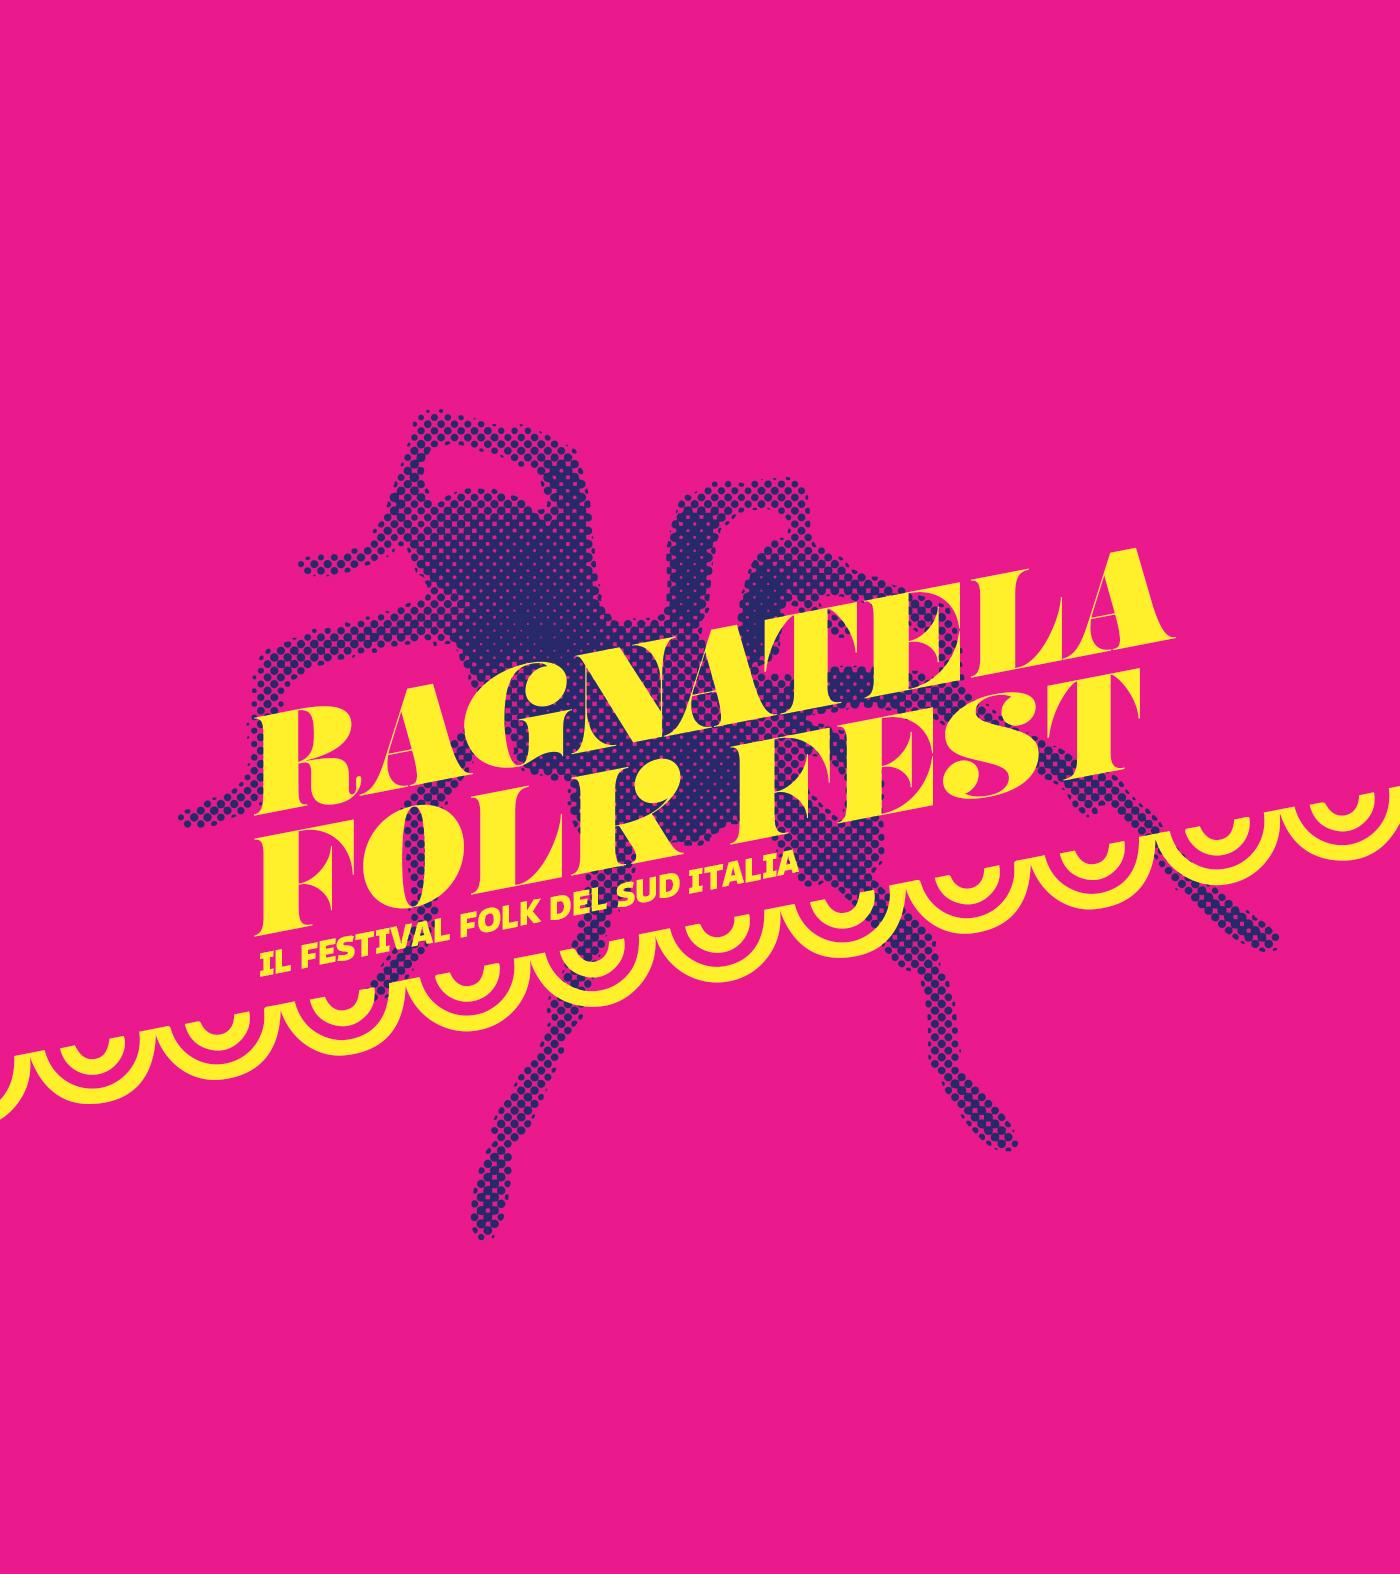 ragnatela folk fest 2018 grafica